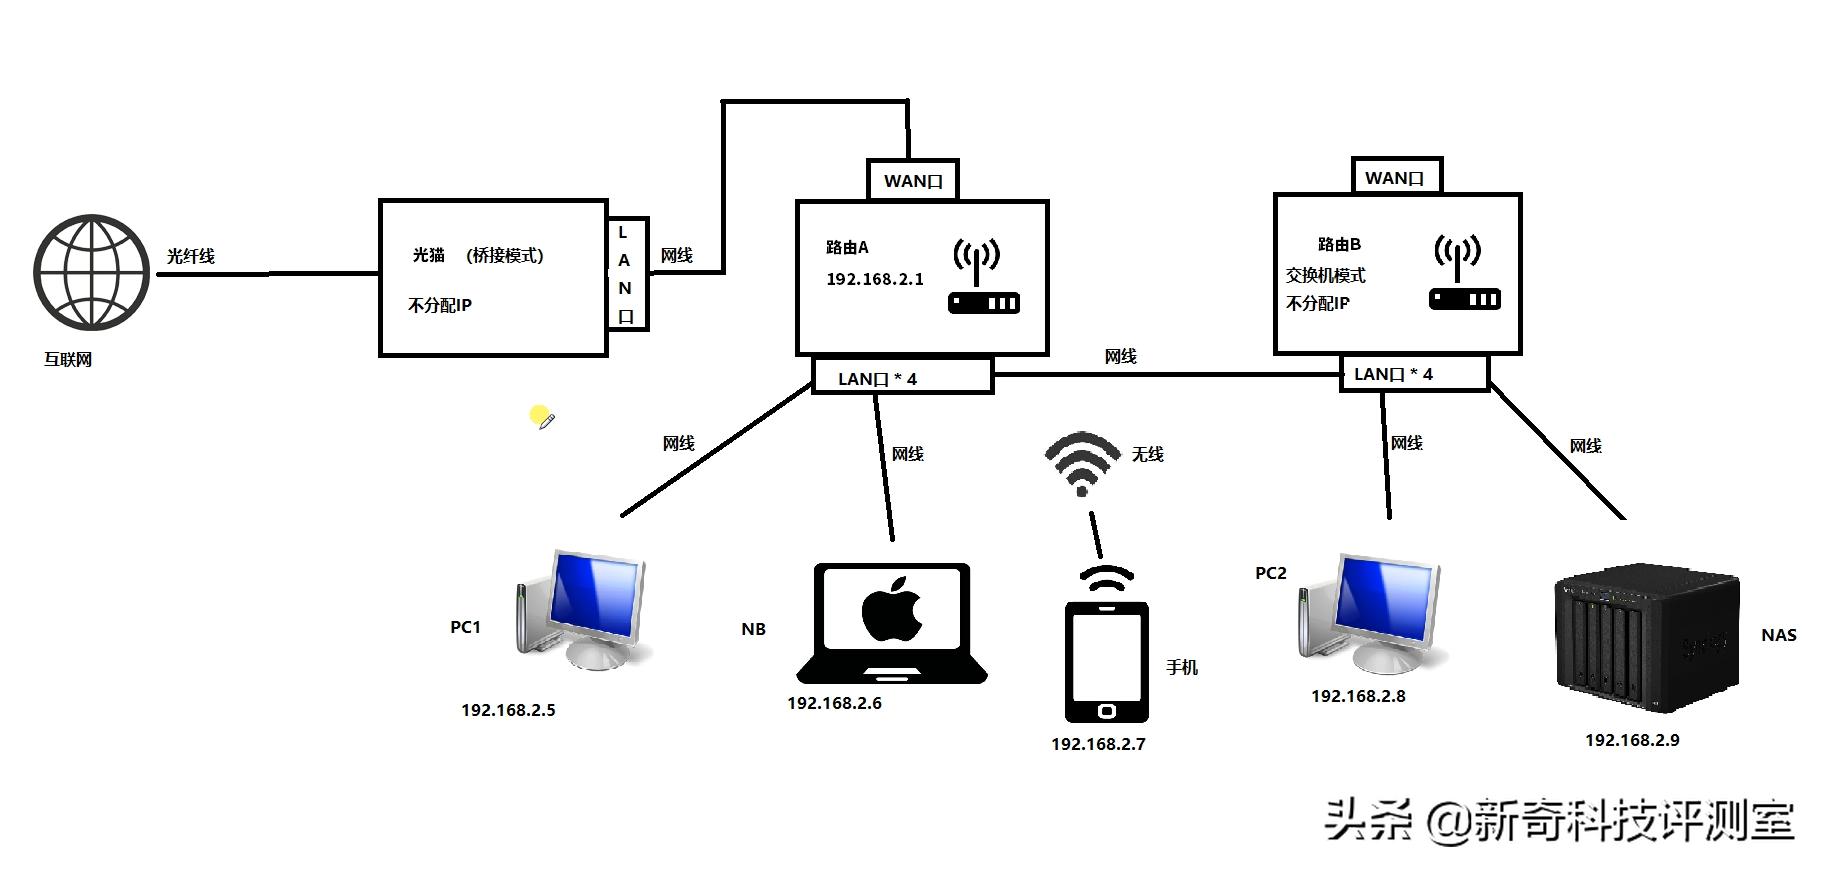 让电信客服小姐姐给公网IP?入坑NAS前最好了解这些